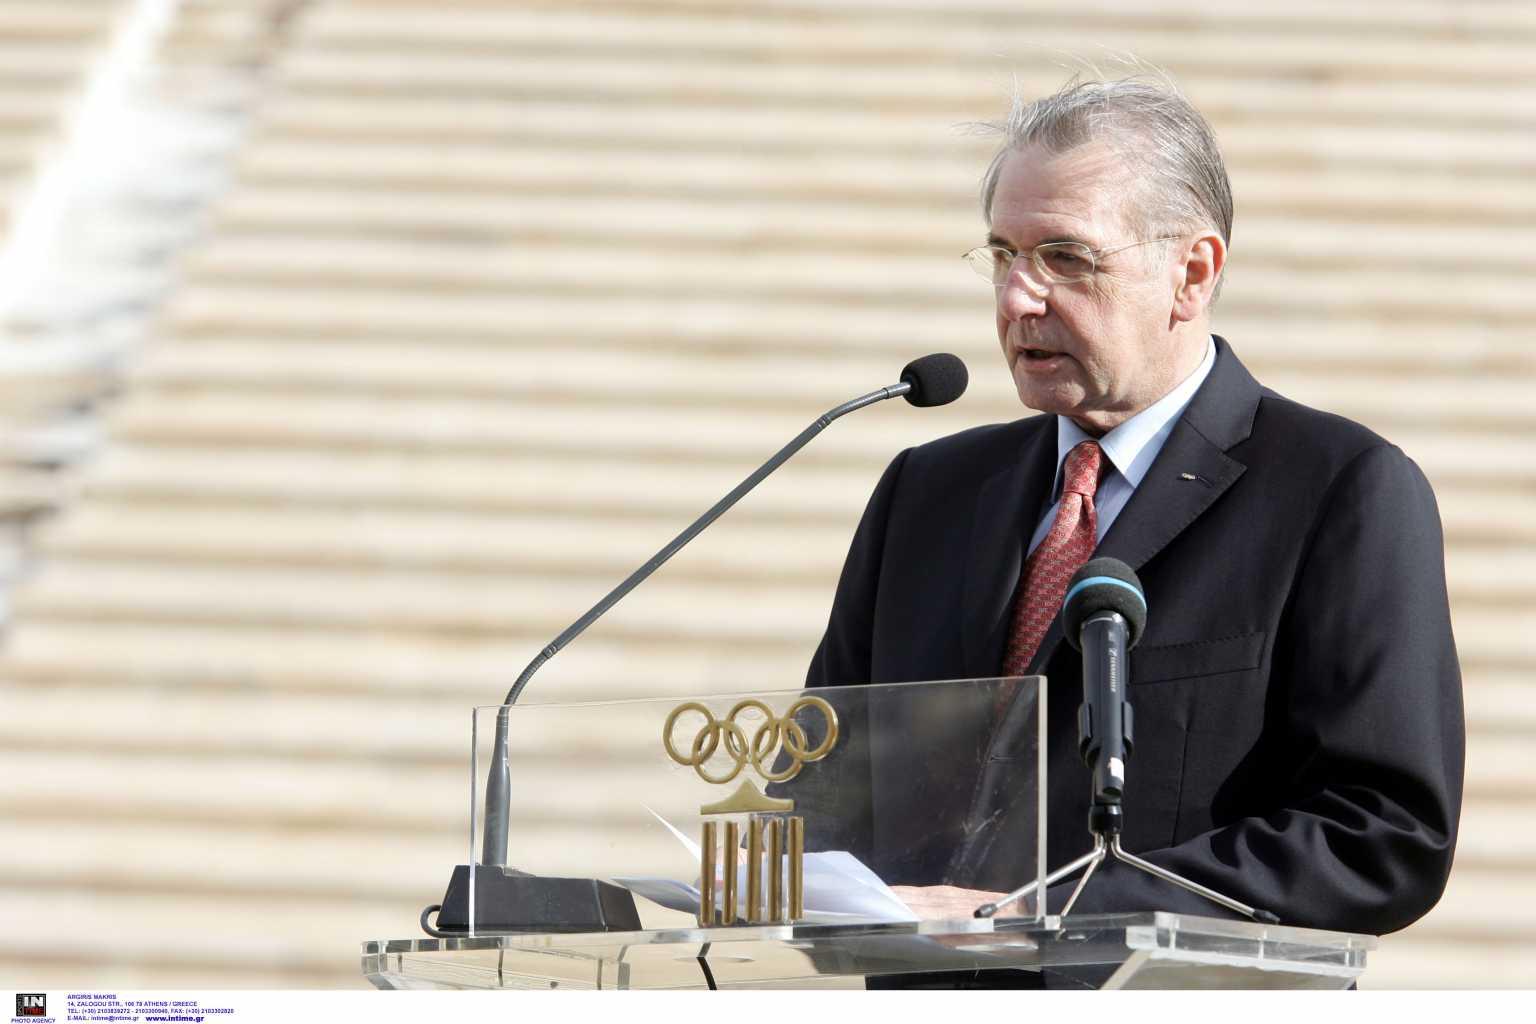 Πέθανε ο πρώην πρόεδρος της ΔΟΕ Ζακ Ρογκ